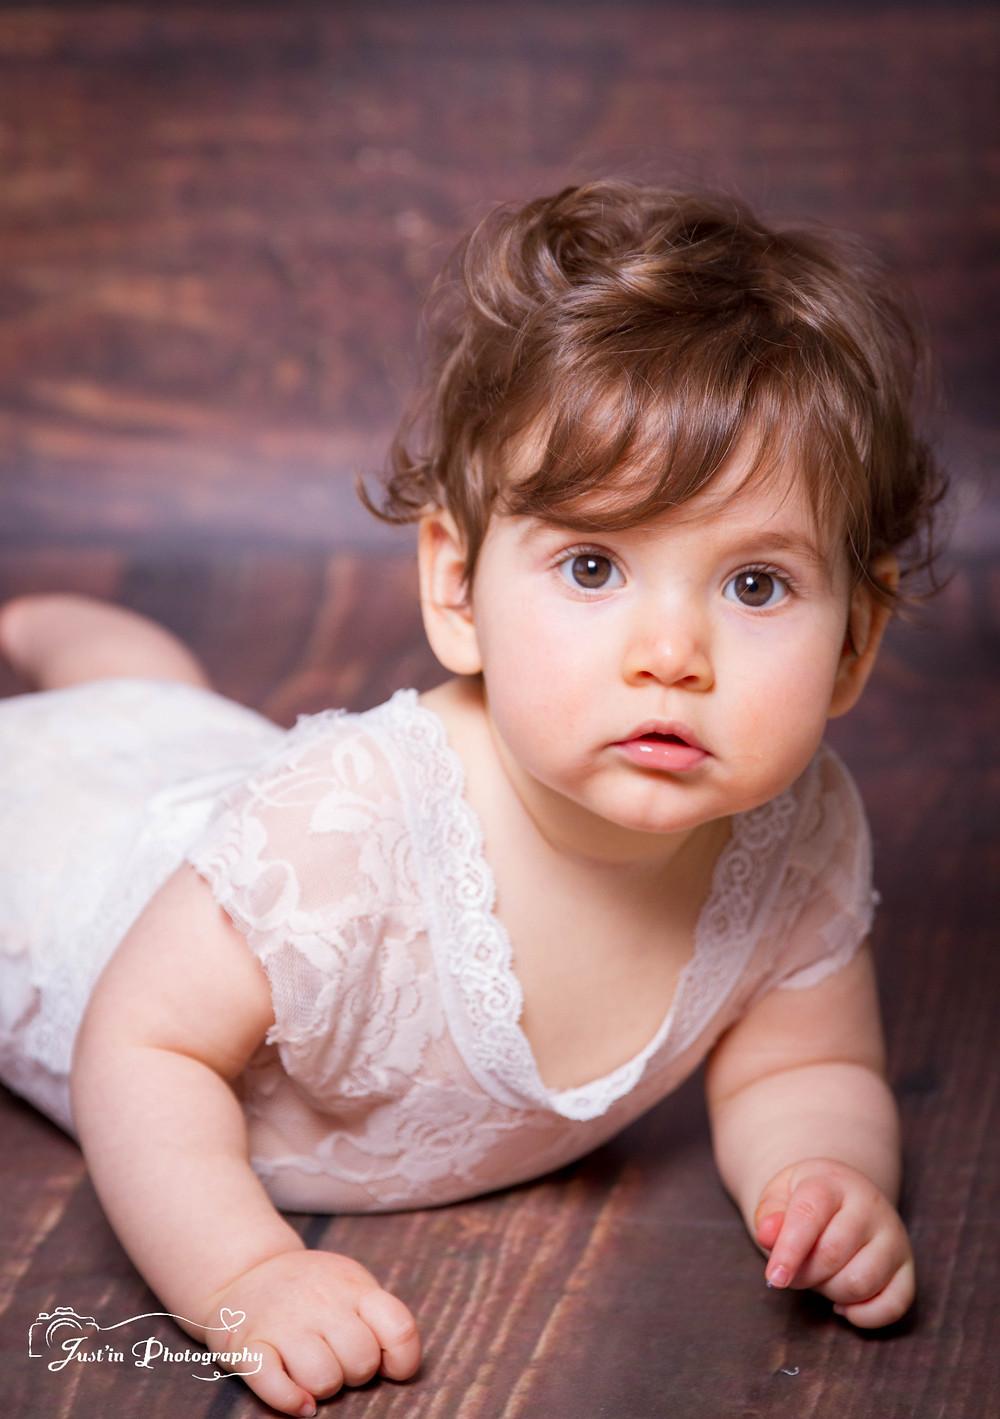 Séance photo bébé isere grenoble photographe enfant voiron Izeaux saint marcellin valence romans paladru Montferrat bourgoin beaurepaire vienne la cote saint André